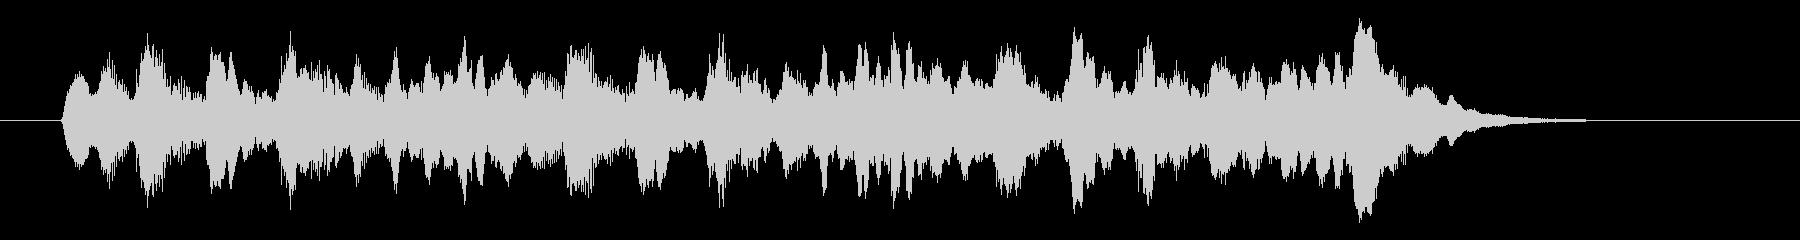 優しいシンセサウンド(神秘、宇宙)の未再生の波形